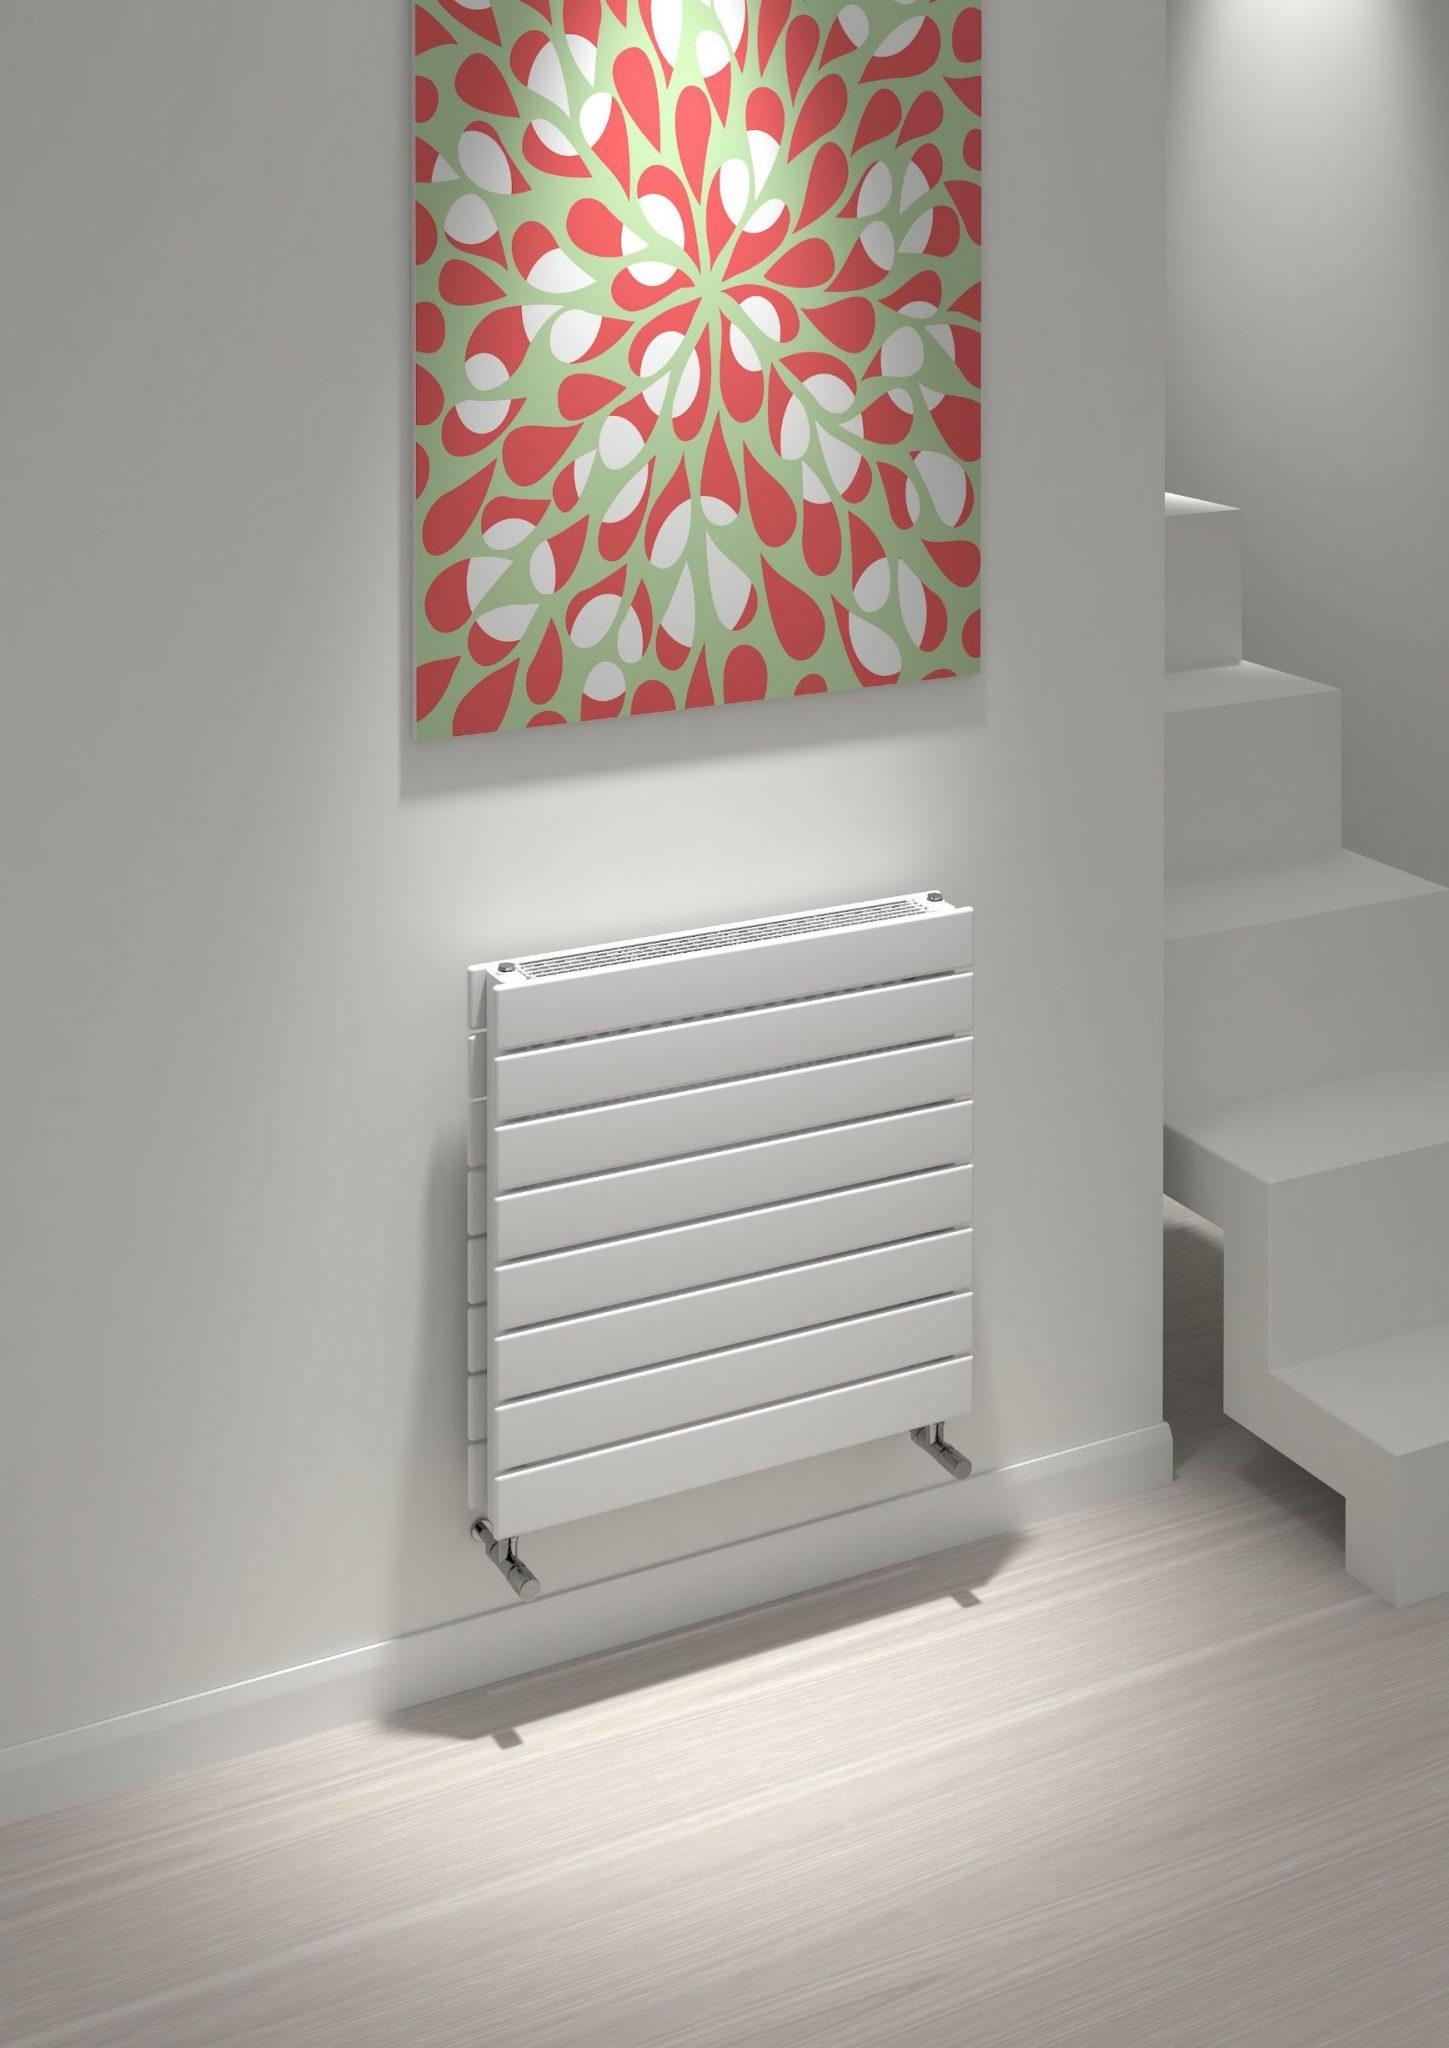 201.00 kudox tira slatted radiator horizontal type 21h 588mm x 600mm white 3 233 p 1